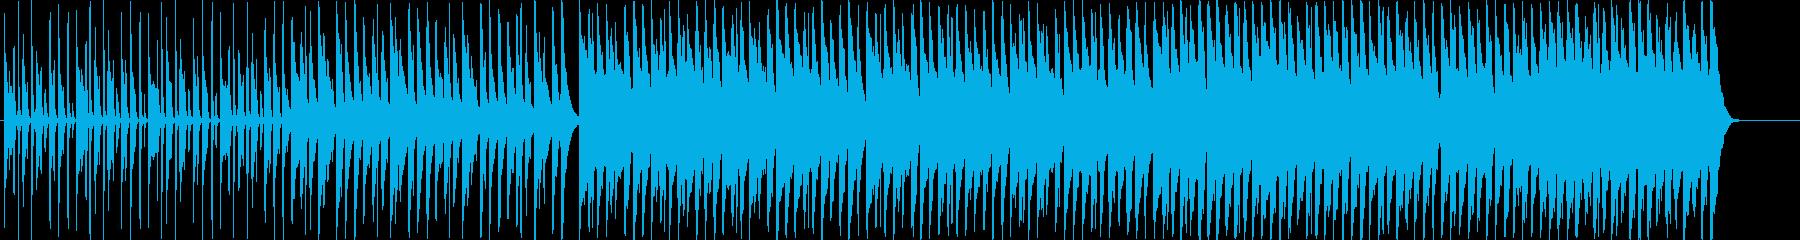 テンポの良い楽しく明るいBGMの再生済みの波形